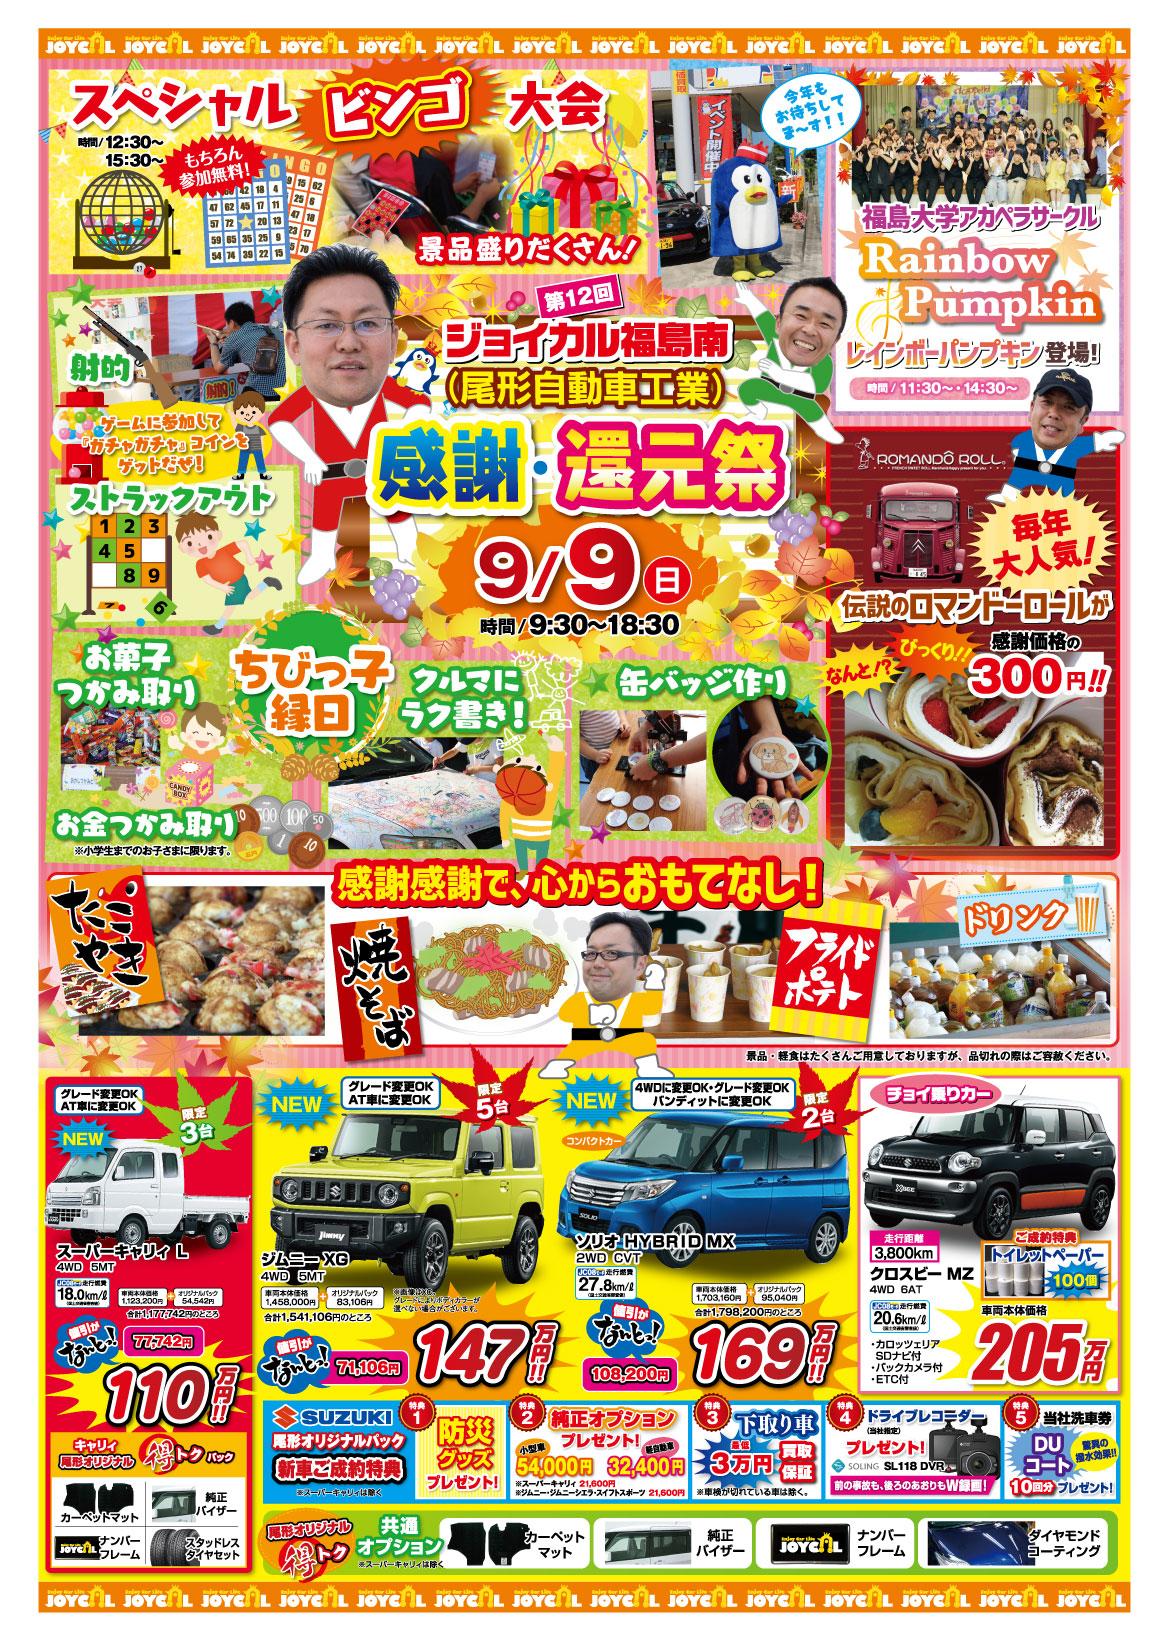 【第12回 感謝・還元祭】 有限会社尾形自動車工業